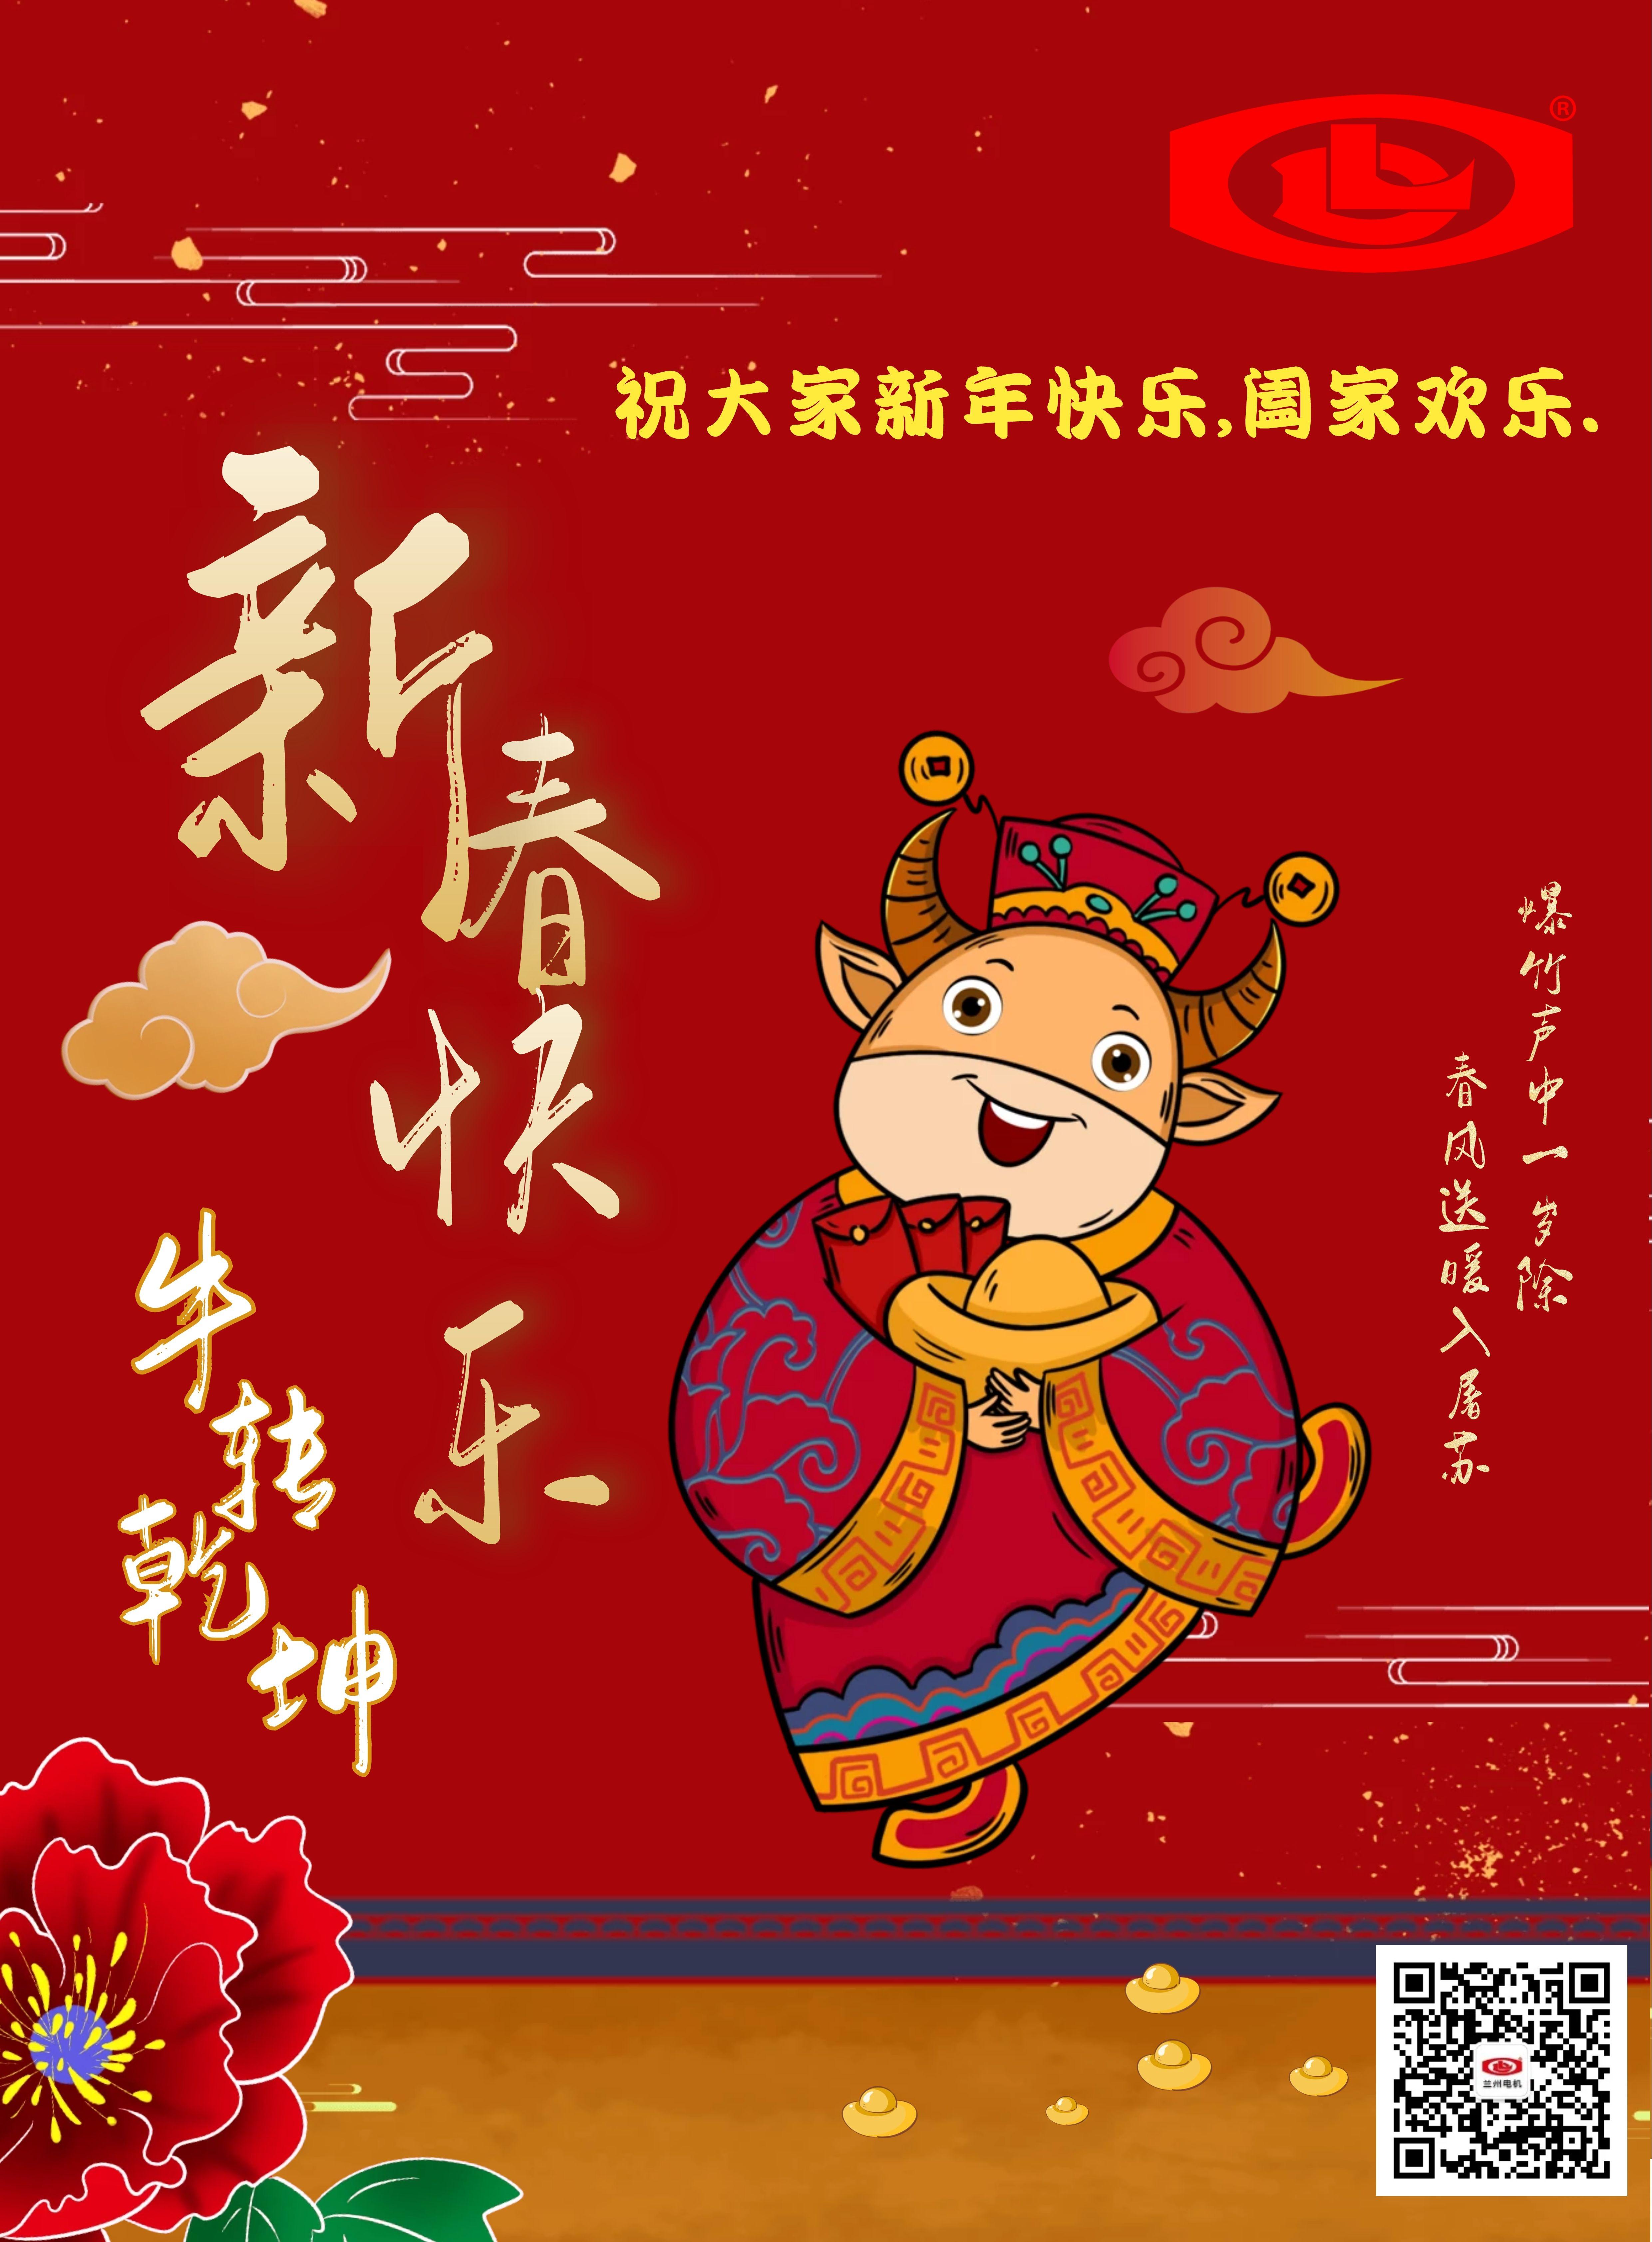 祝公司各位员工春节快乐、阖家幸福!